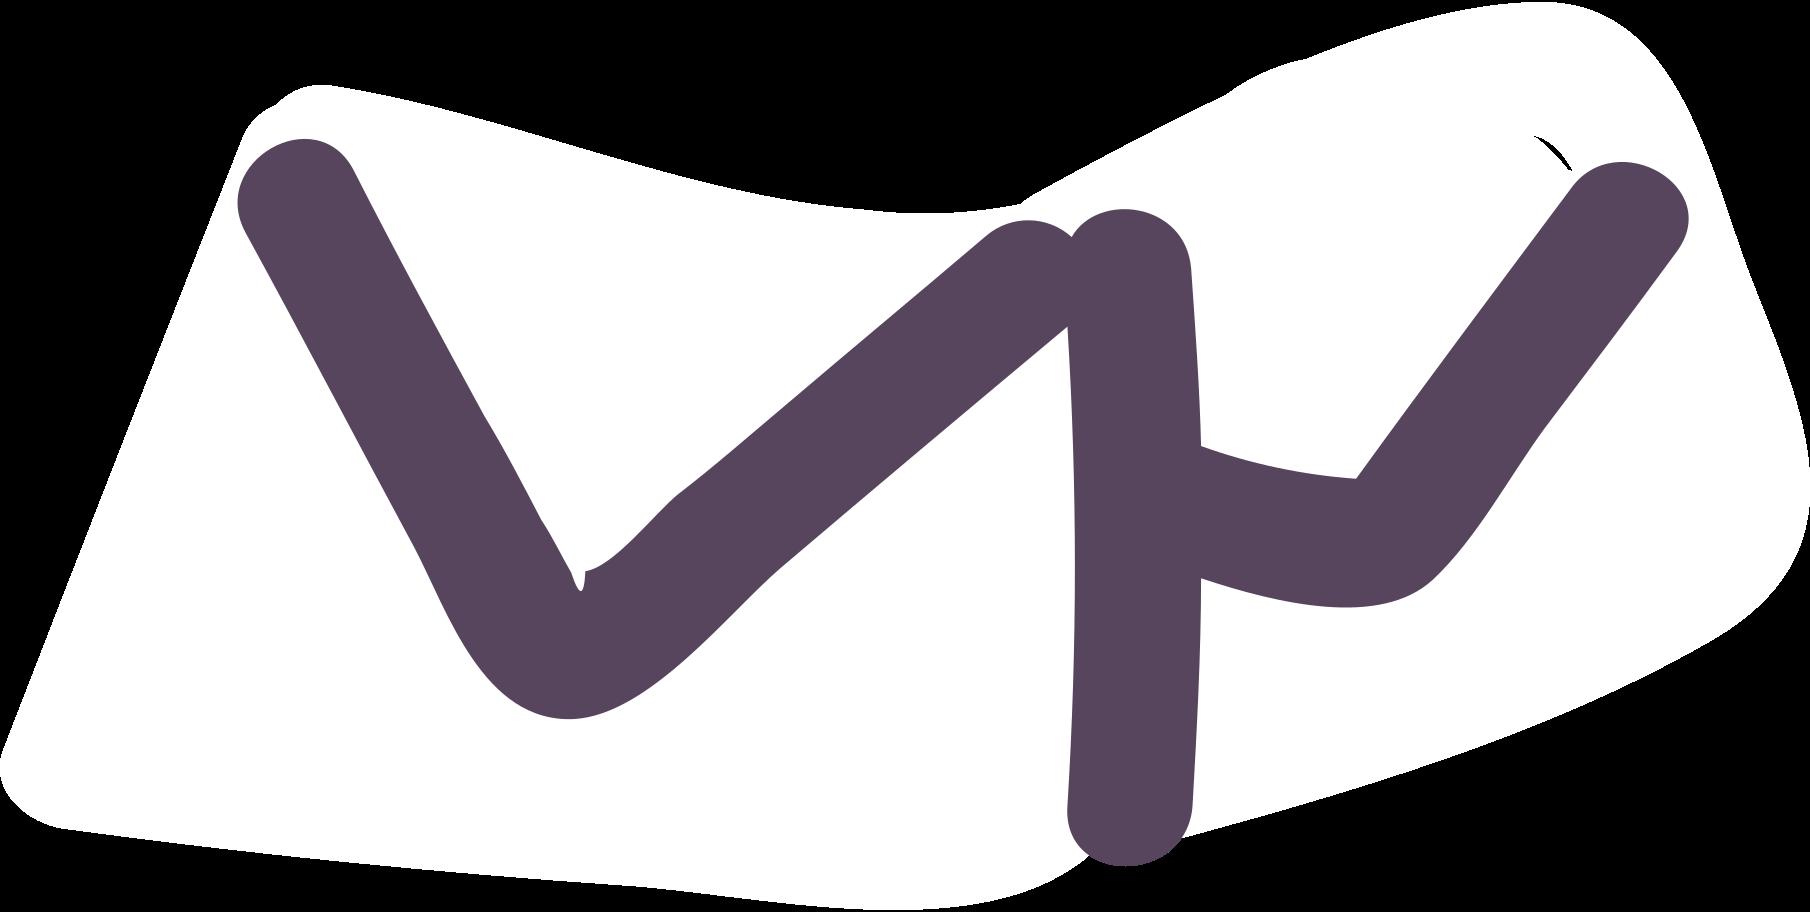 Ilustración de clipart de letras en PNG, SVG